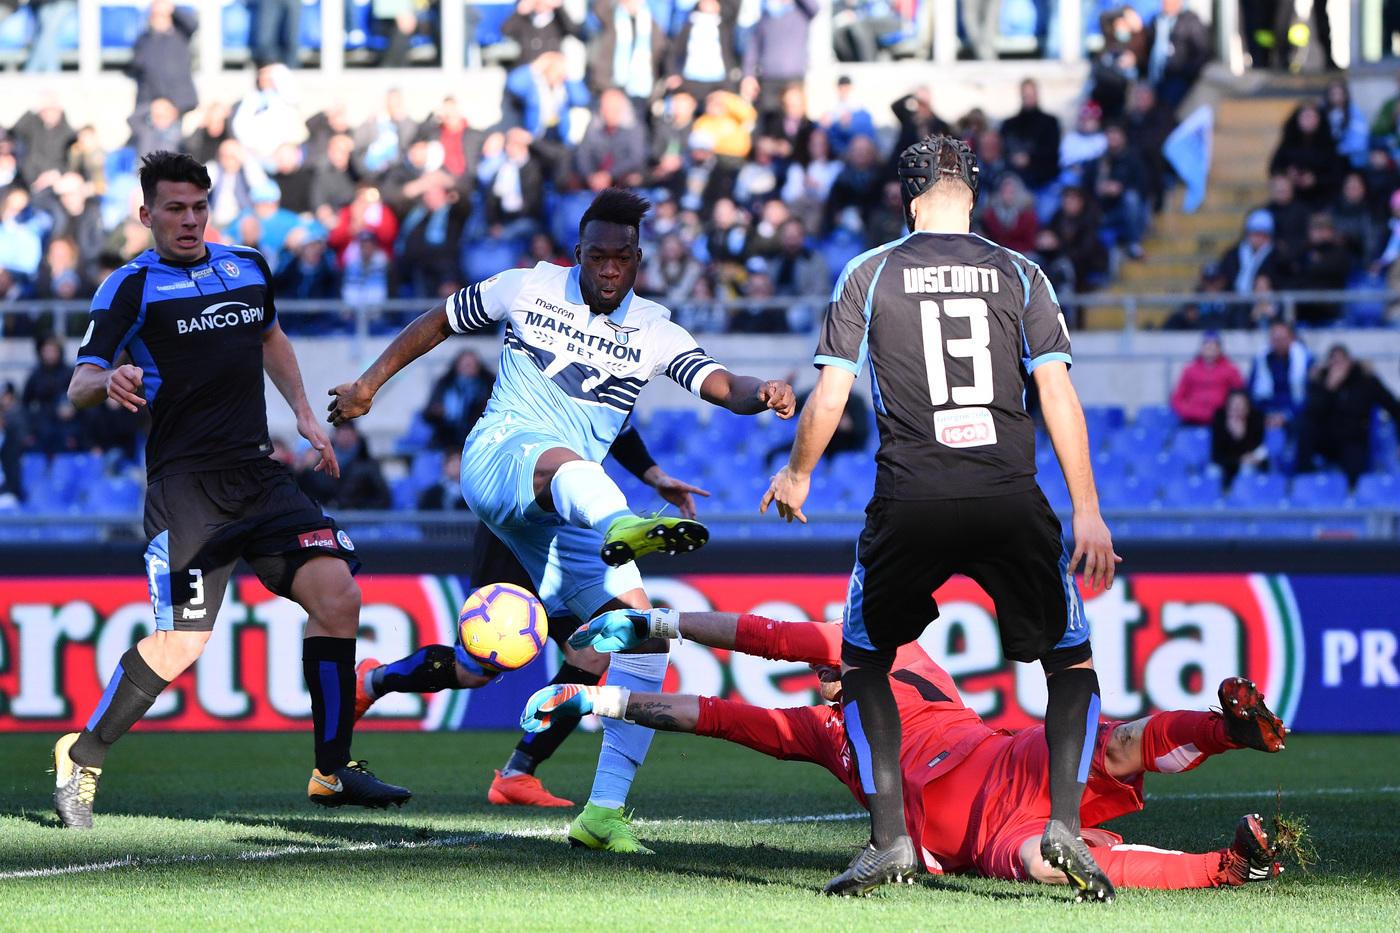 Coppa Italia, ottavi: Lazio-Novara 4-1, le foto del match